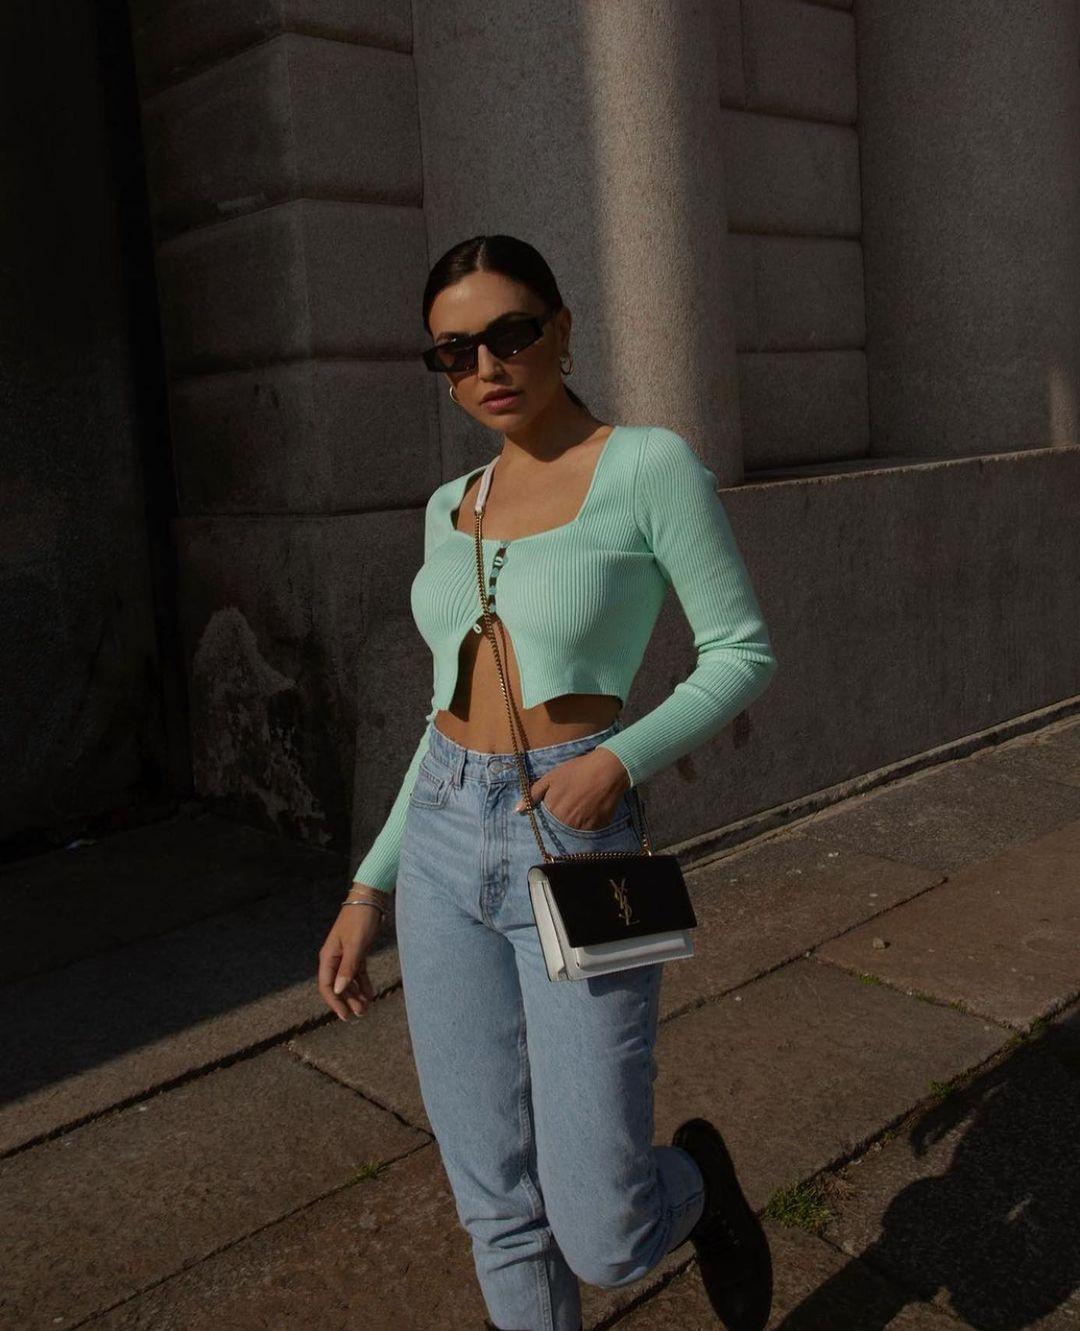 jeans z1975 high rise tapered de Zara sur zarastreetstyle